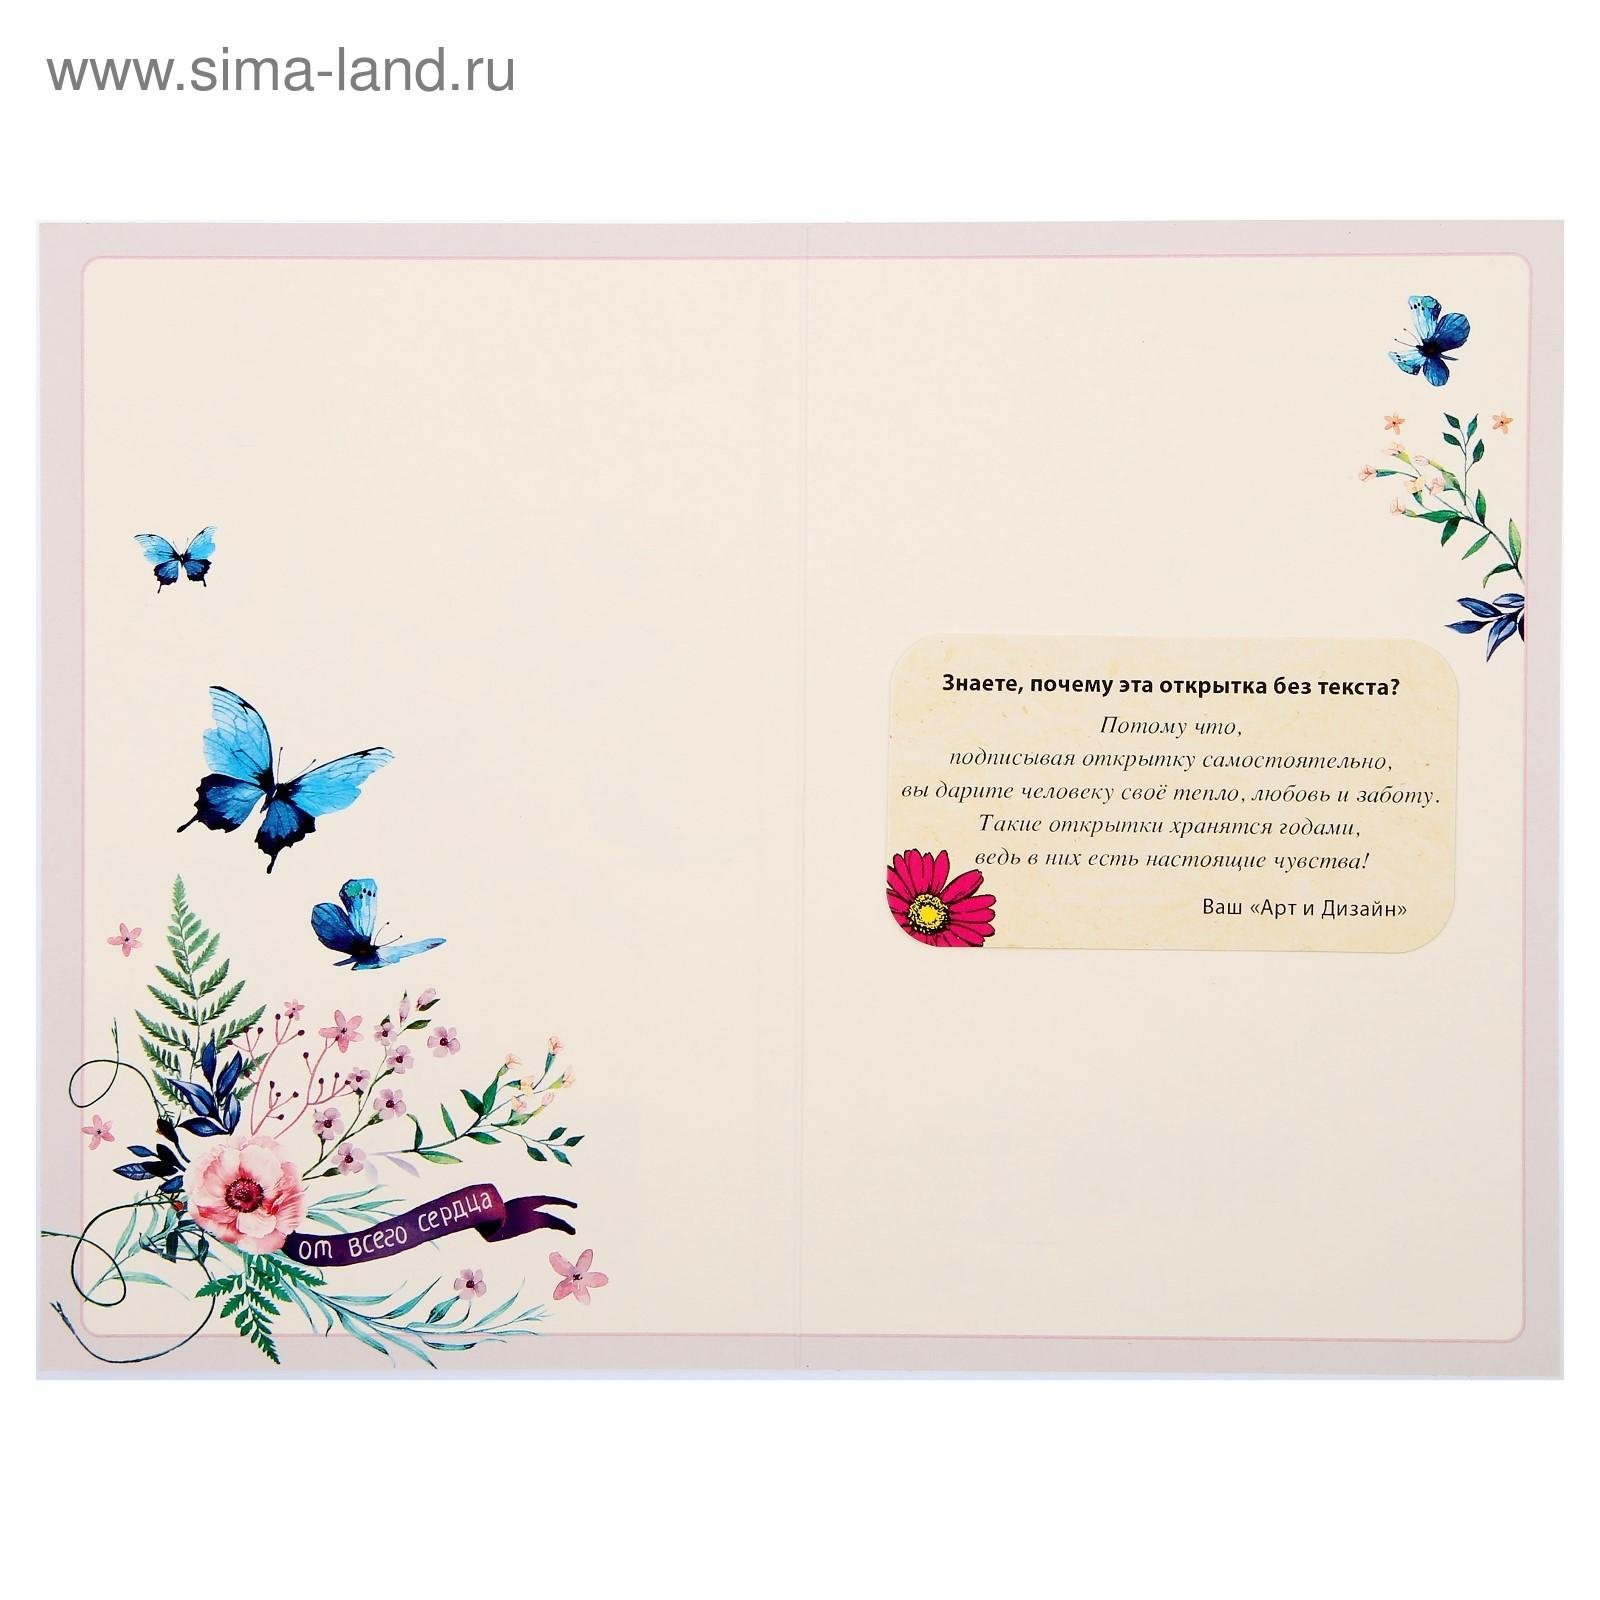 позволяет арт дизайн открытки отзывы о работе делать